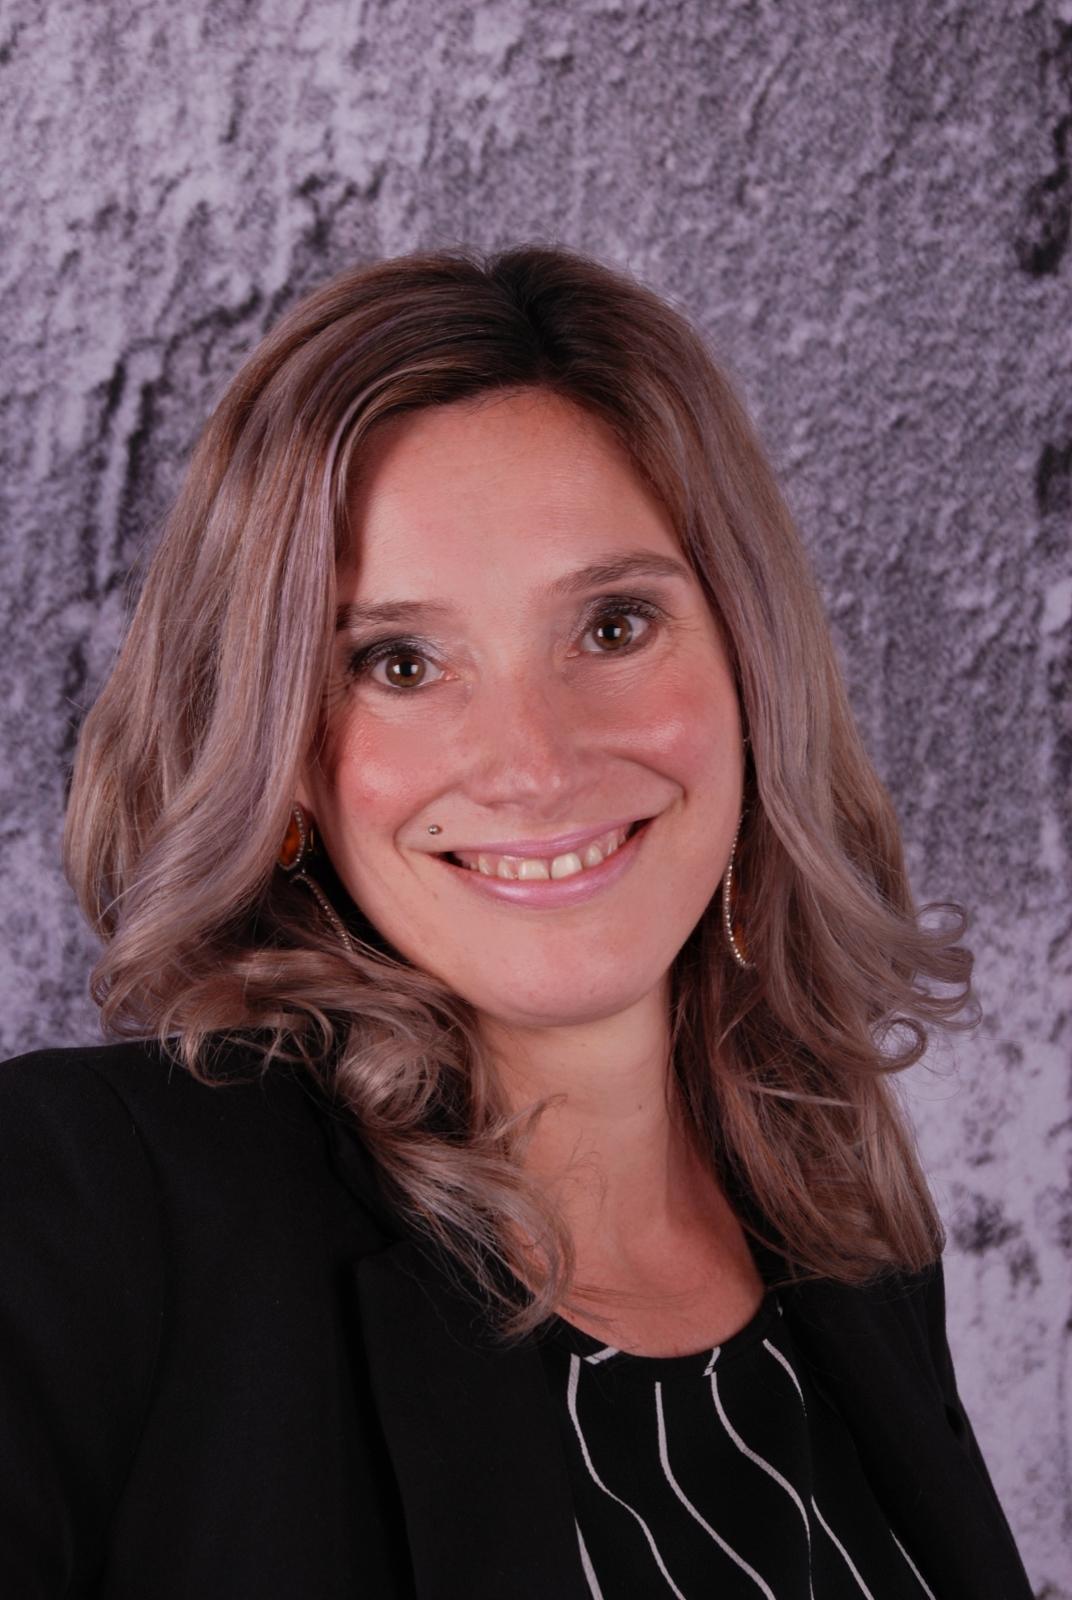 Audrey - Kapper bij Hairfriends Haar&Visagie Dronten